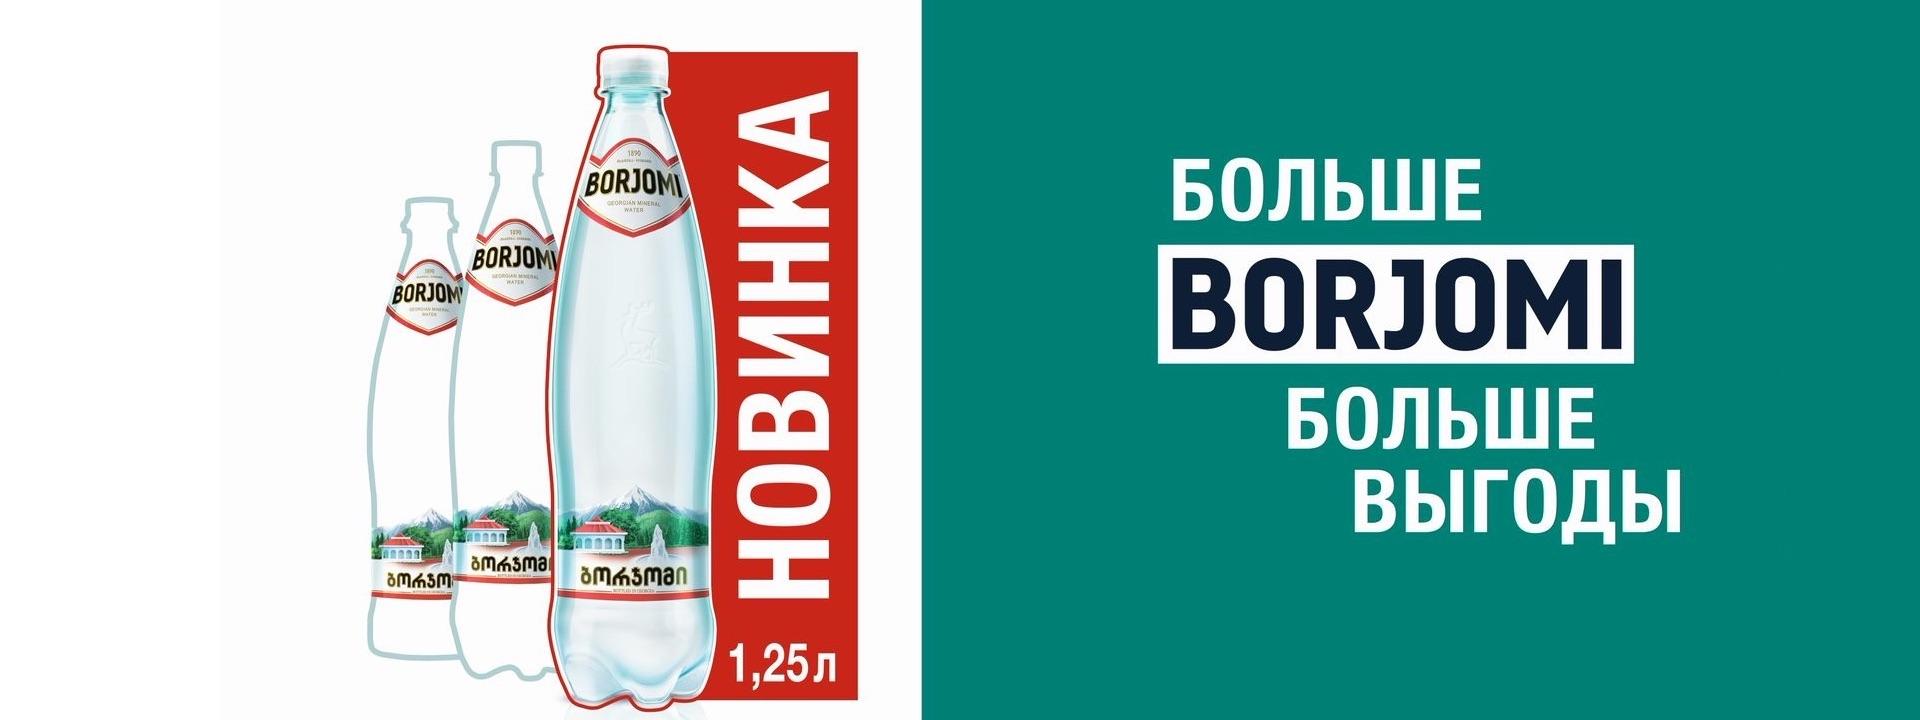 Купить воду Боржоми 1.25 пластик в Москве с доставкой на дом